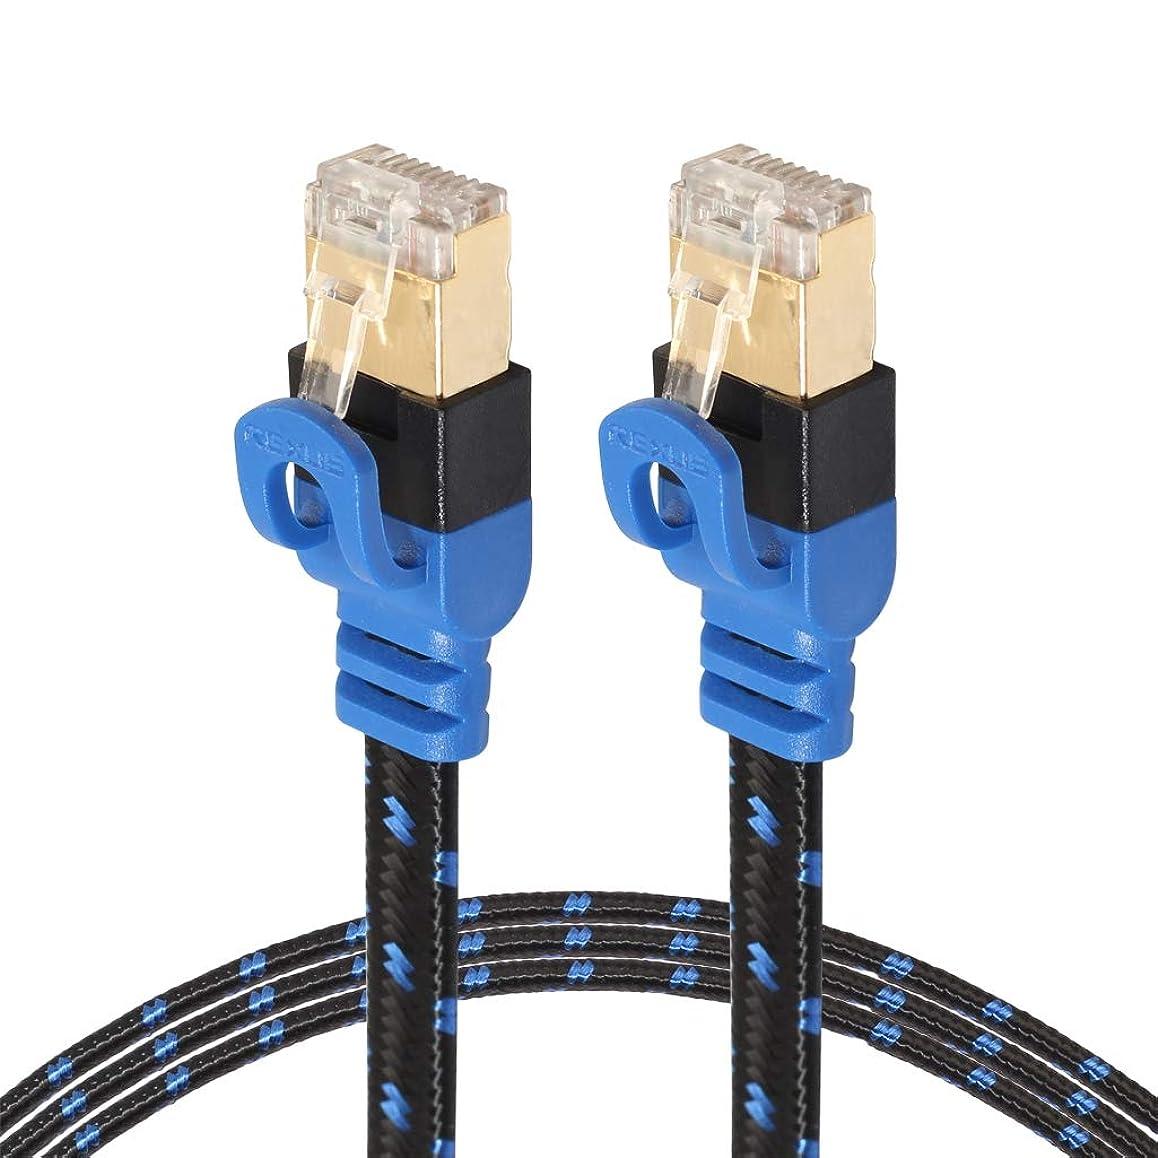 失望実験請求書WTYD コンピューターネットワークアクセサリー CAT7-2金メッキCAT7フラットイーサネット10ギガビット2色編組ネットワークLANケーブル、モデムルーターLANネットワーク用、シールド付きRJ45コネクタ付き、長さ:3 m コンピューターネットワーク用